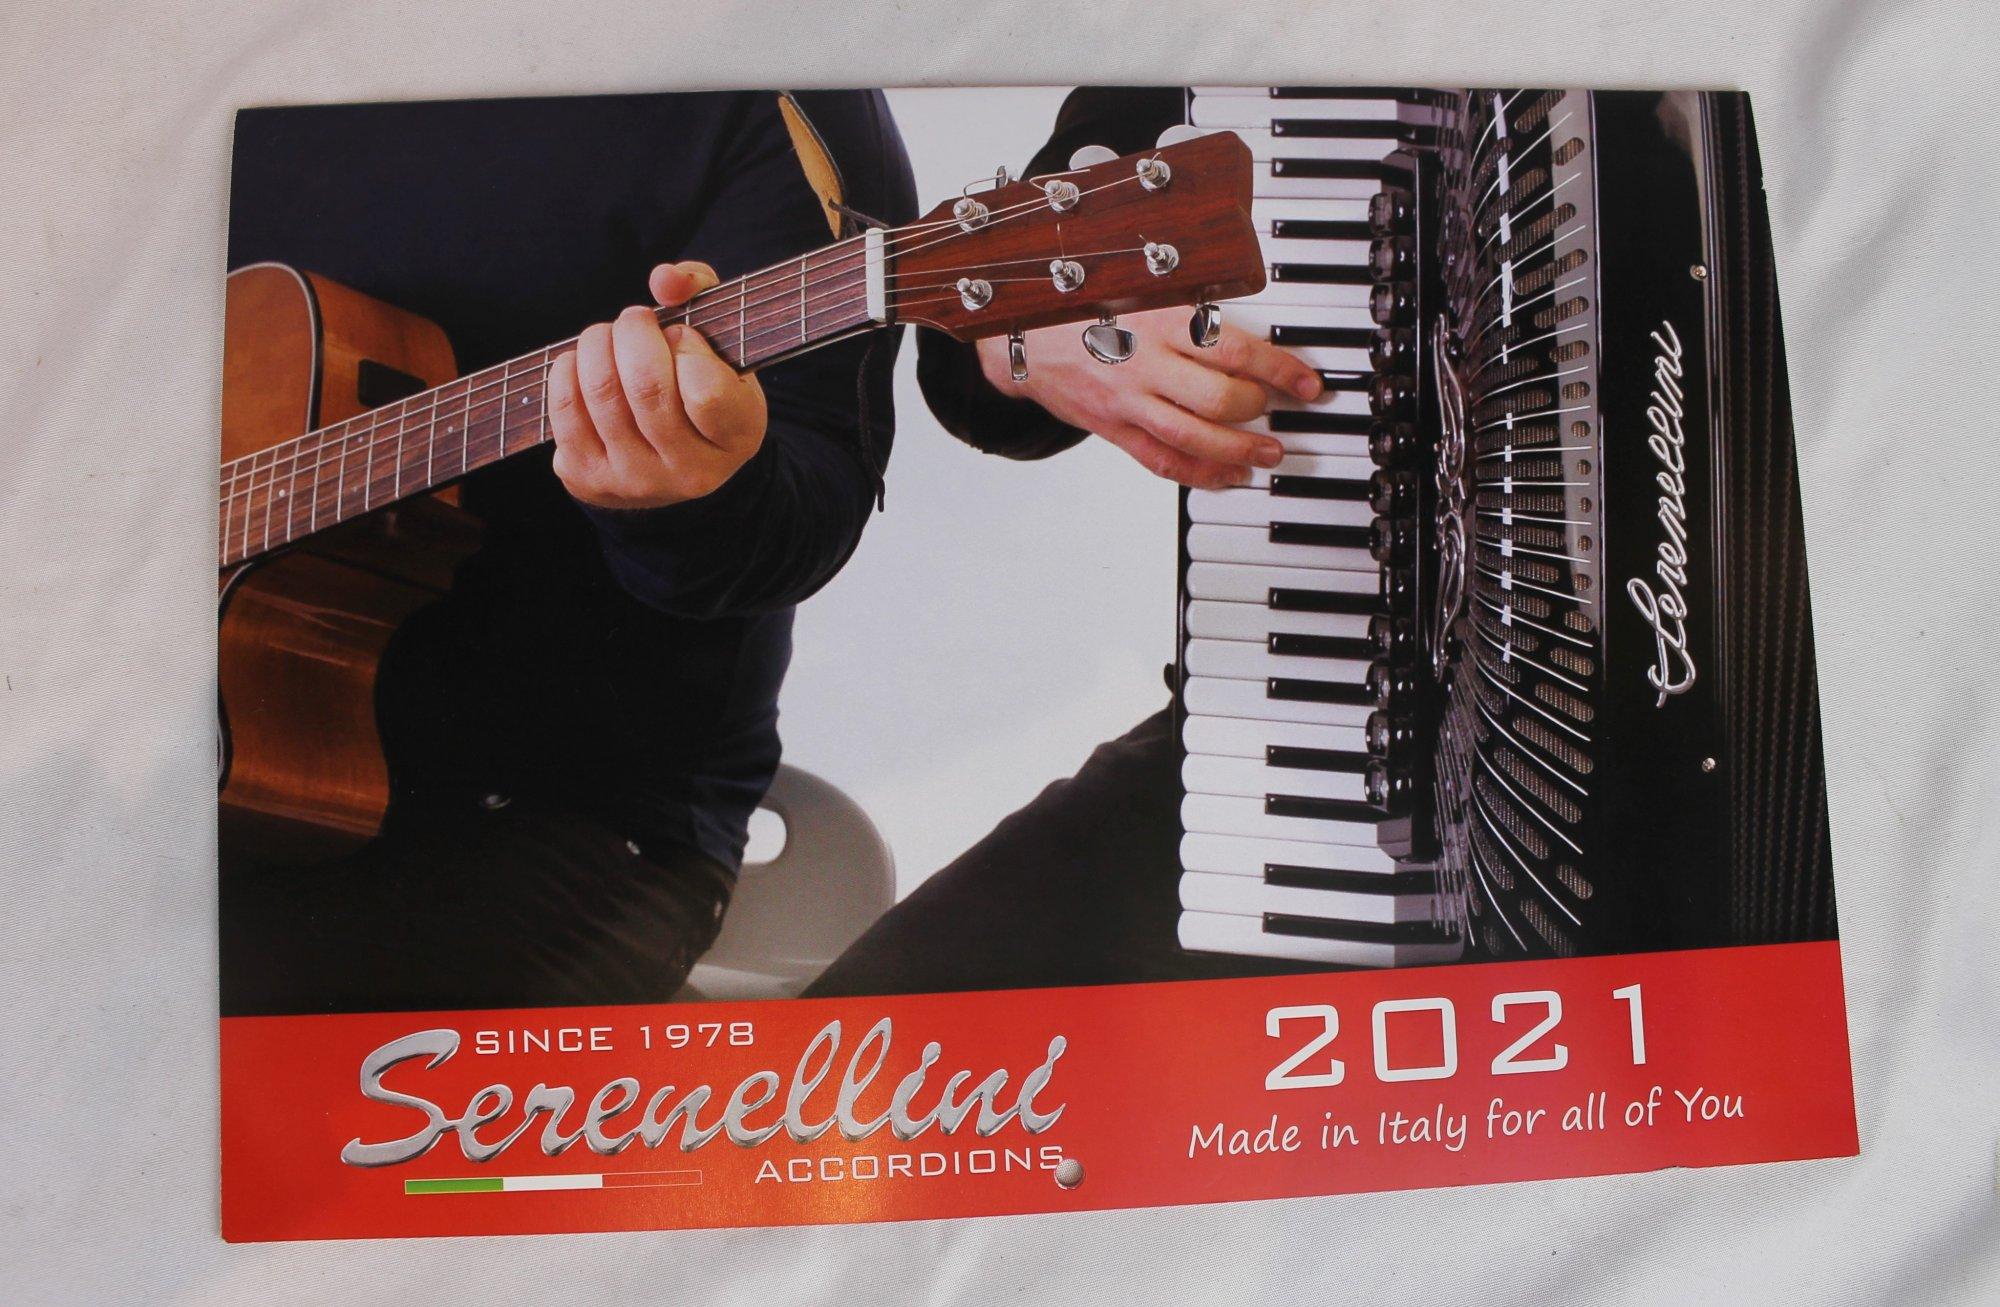 Serenellini Accordions Calendar 2021